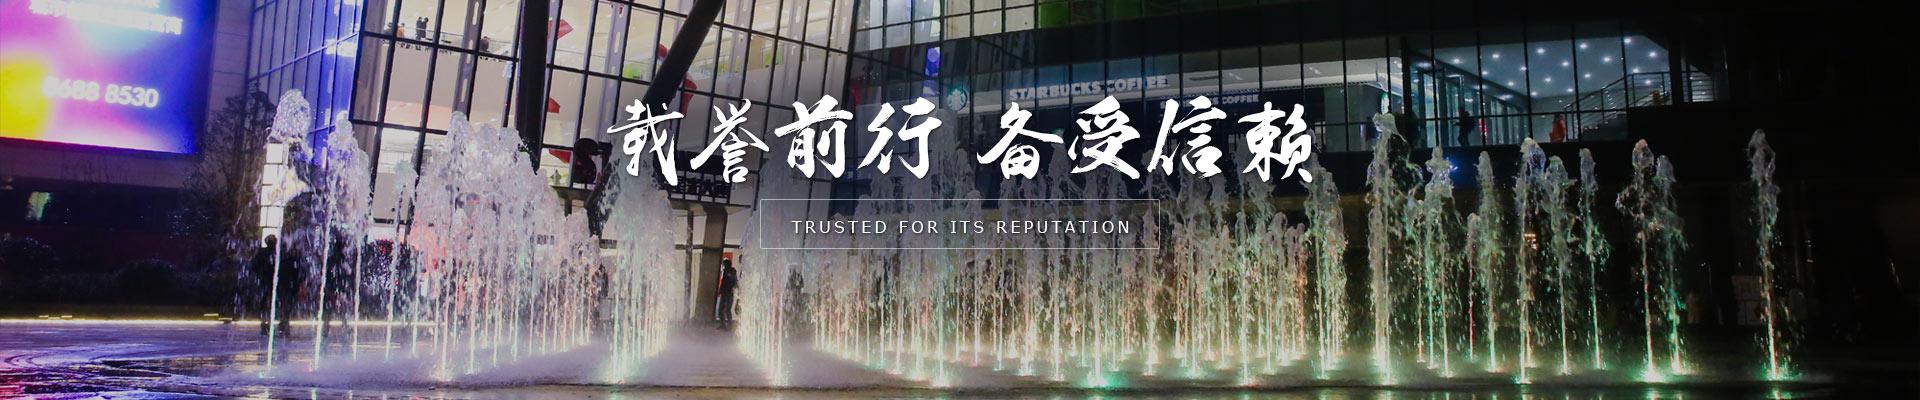 金蓝喷泉载誉前行 备受信赖